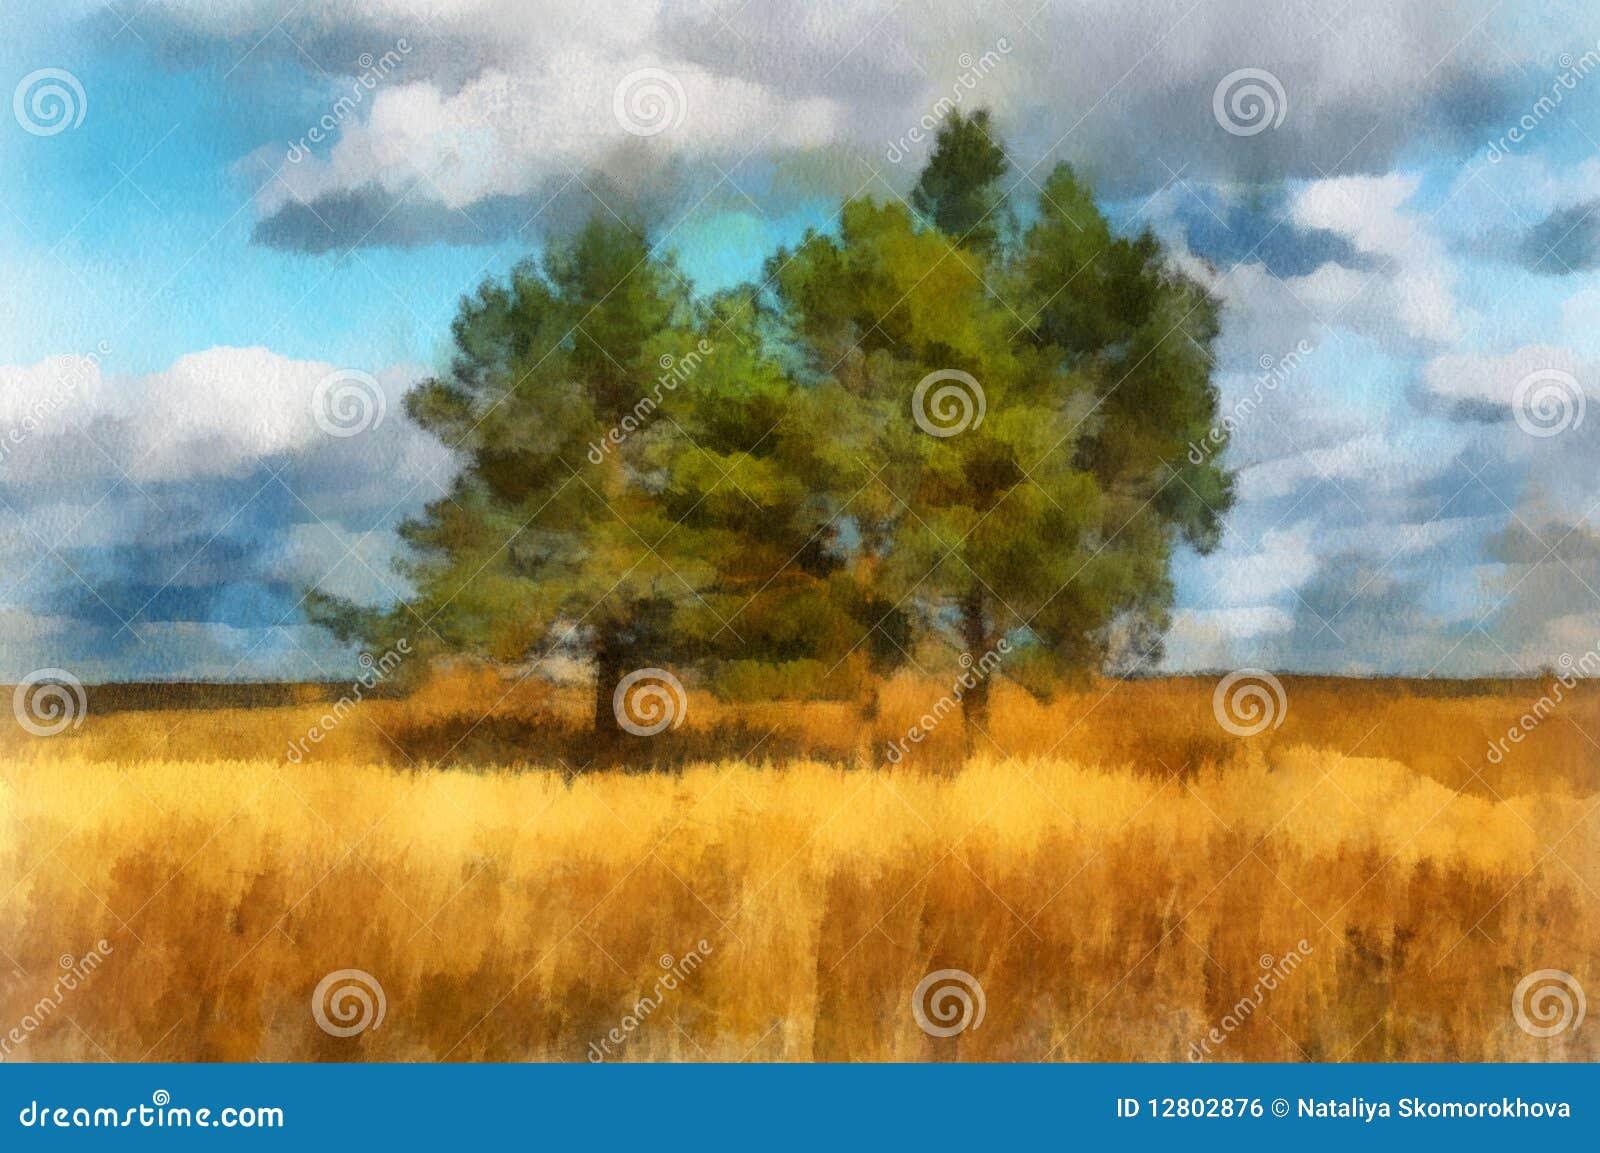 Ilustração, paisagem com árvores